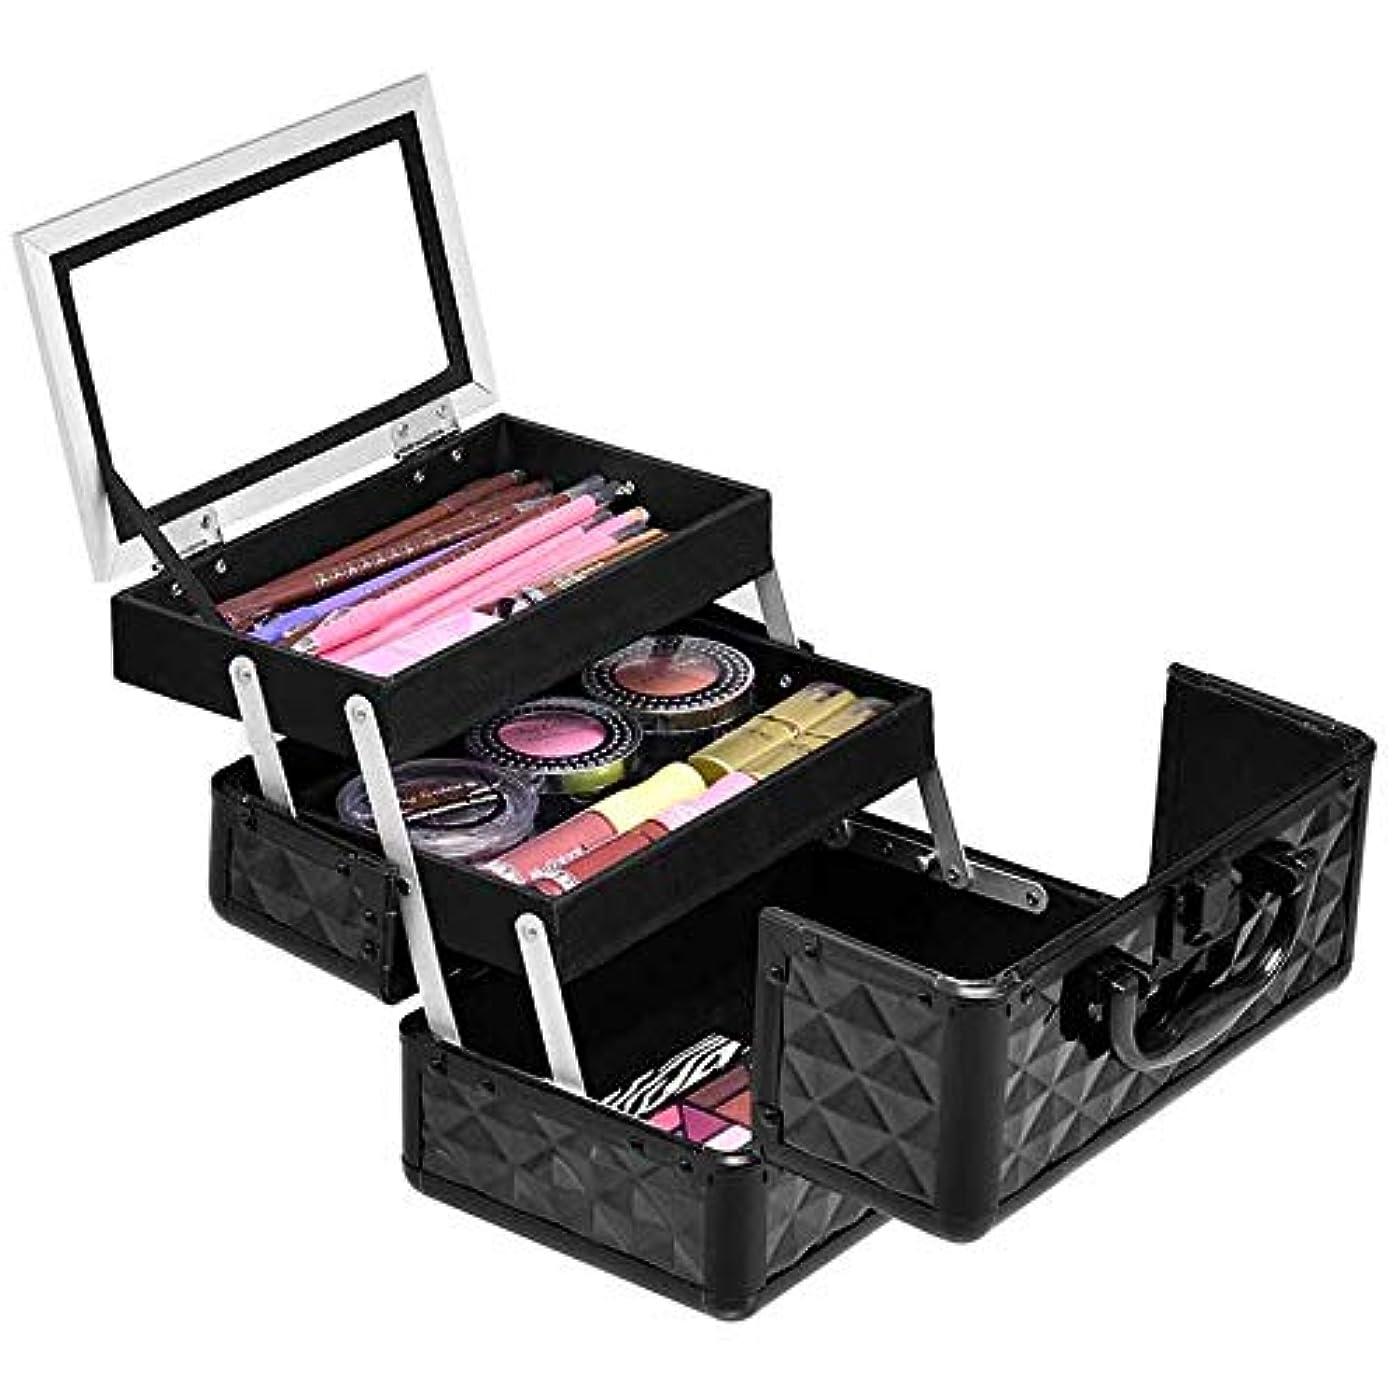 急ぐ熟達墓地Costway コスメボックス メイクボックス 鏡付き 大容量 持ち運び 化粧品収納ボックス プロ用 化粧箱 コスメ収納ボックス ブラック